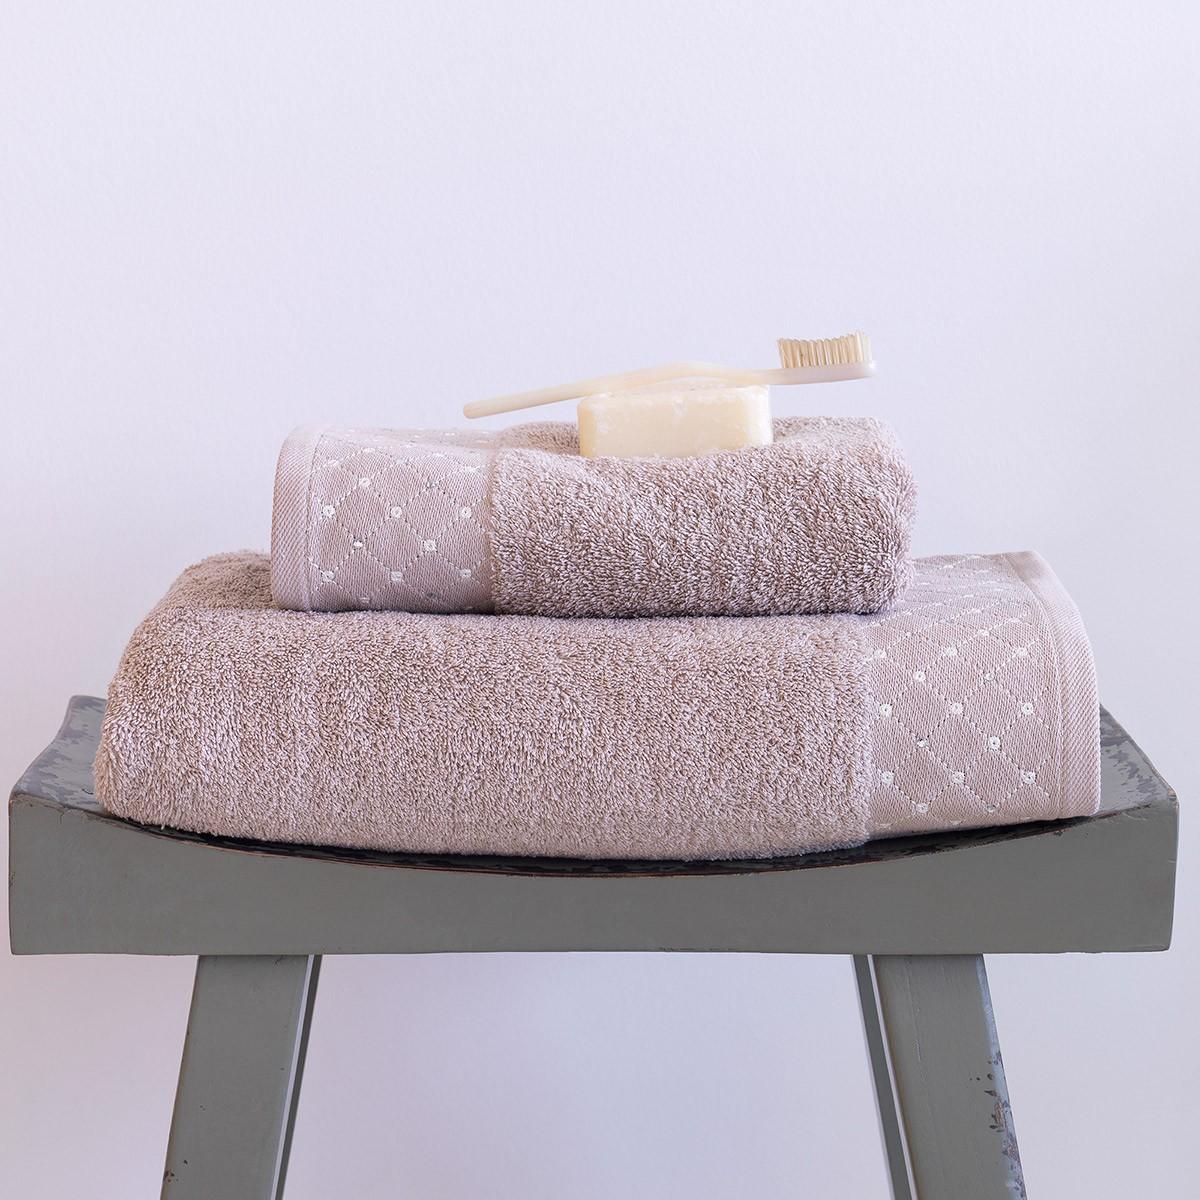 Πετσέτες Μπάνιου (Σετ 2τμχ) Sb Home Domino Taupe 75931